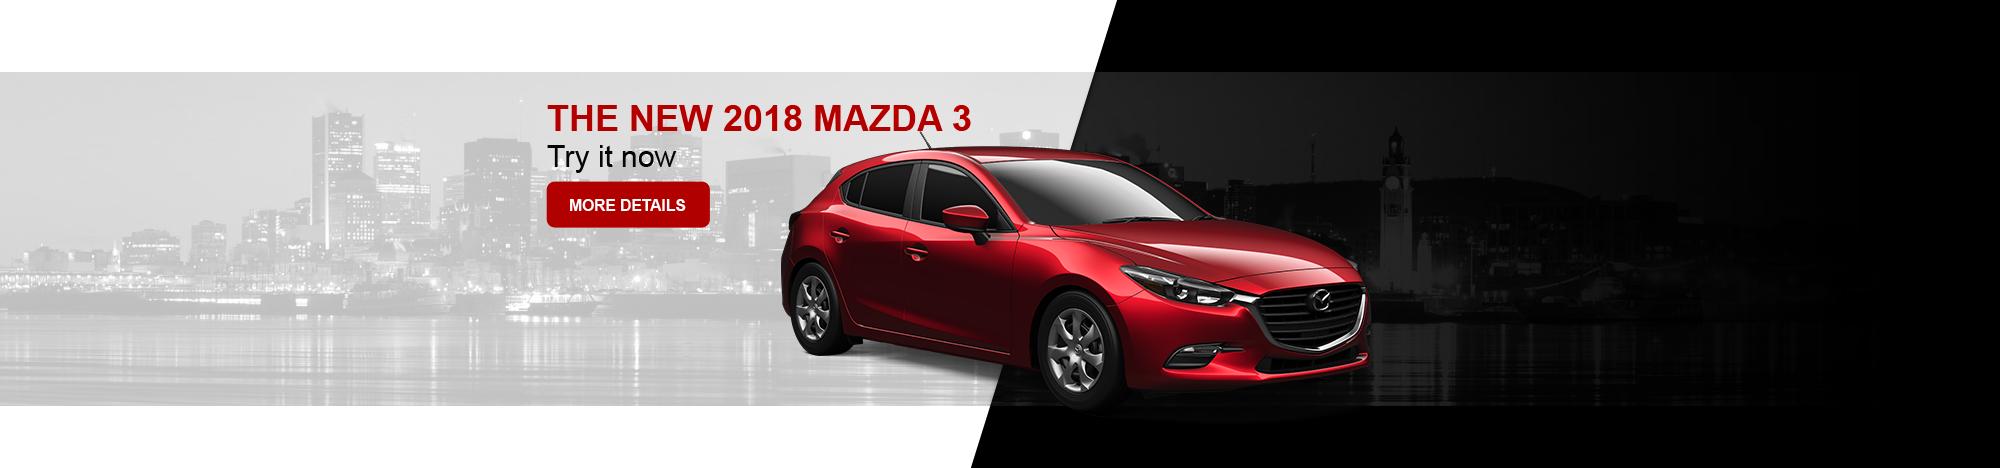 The new Mazda 3 2018